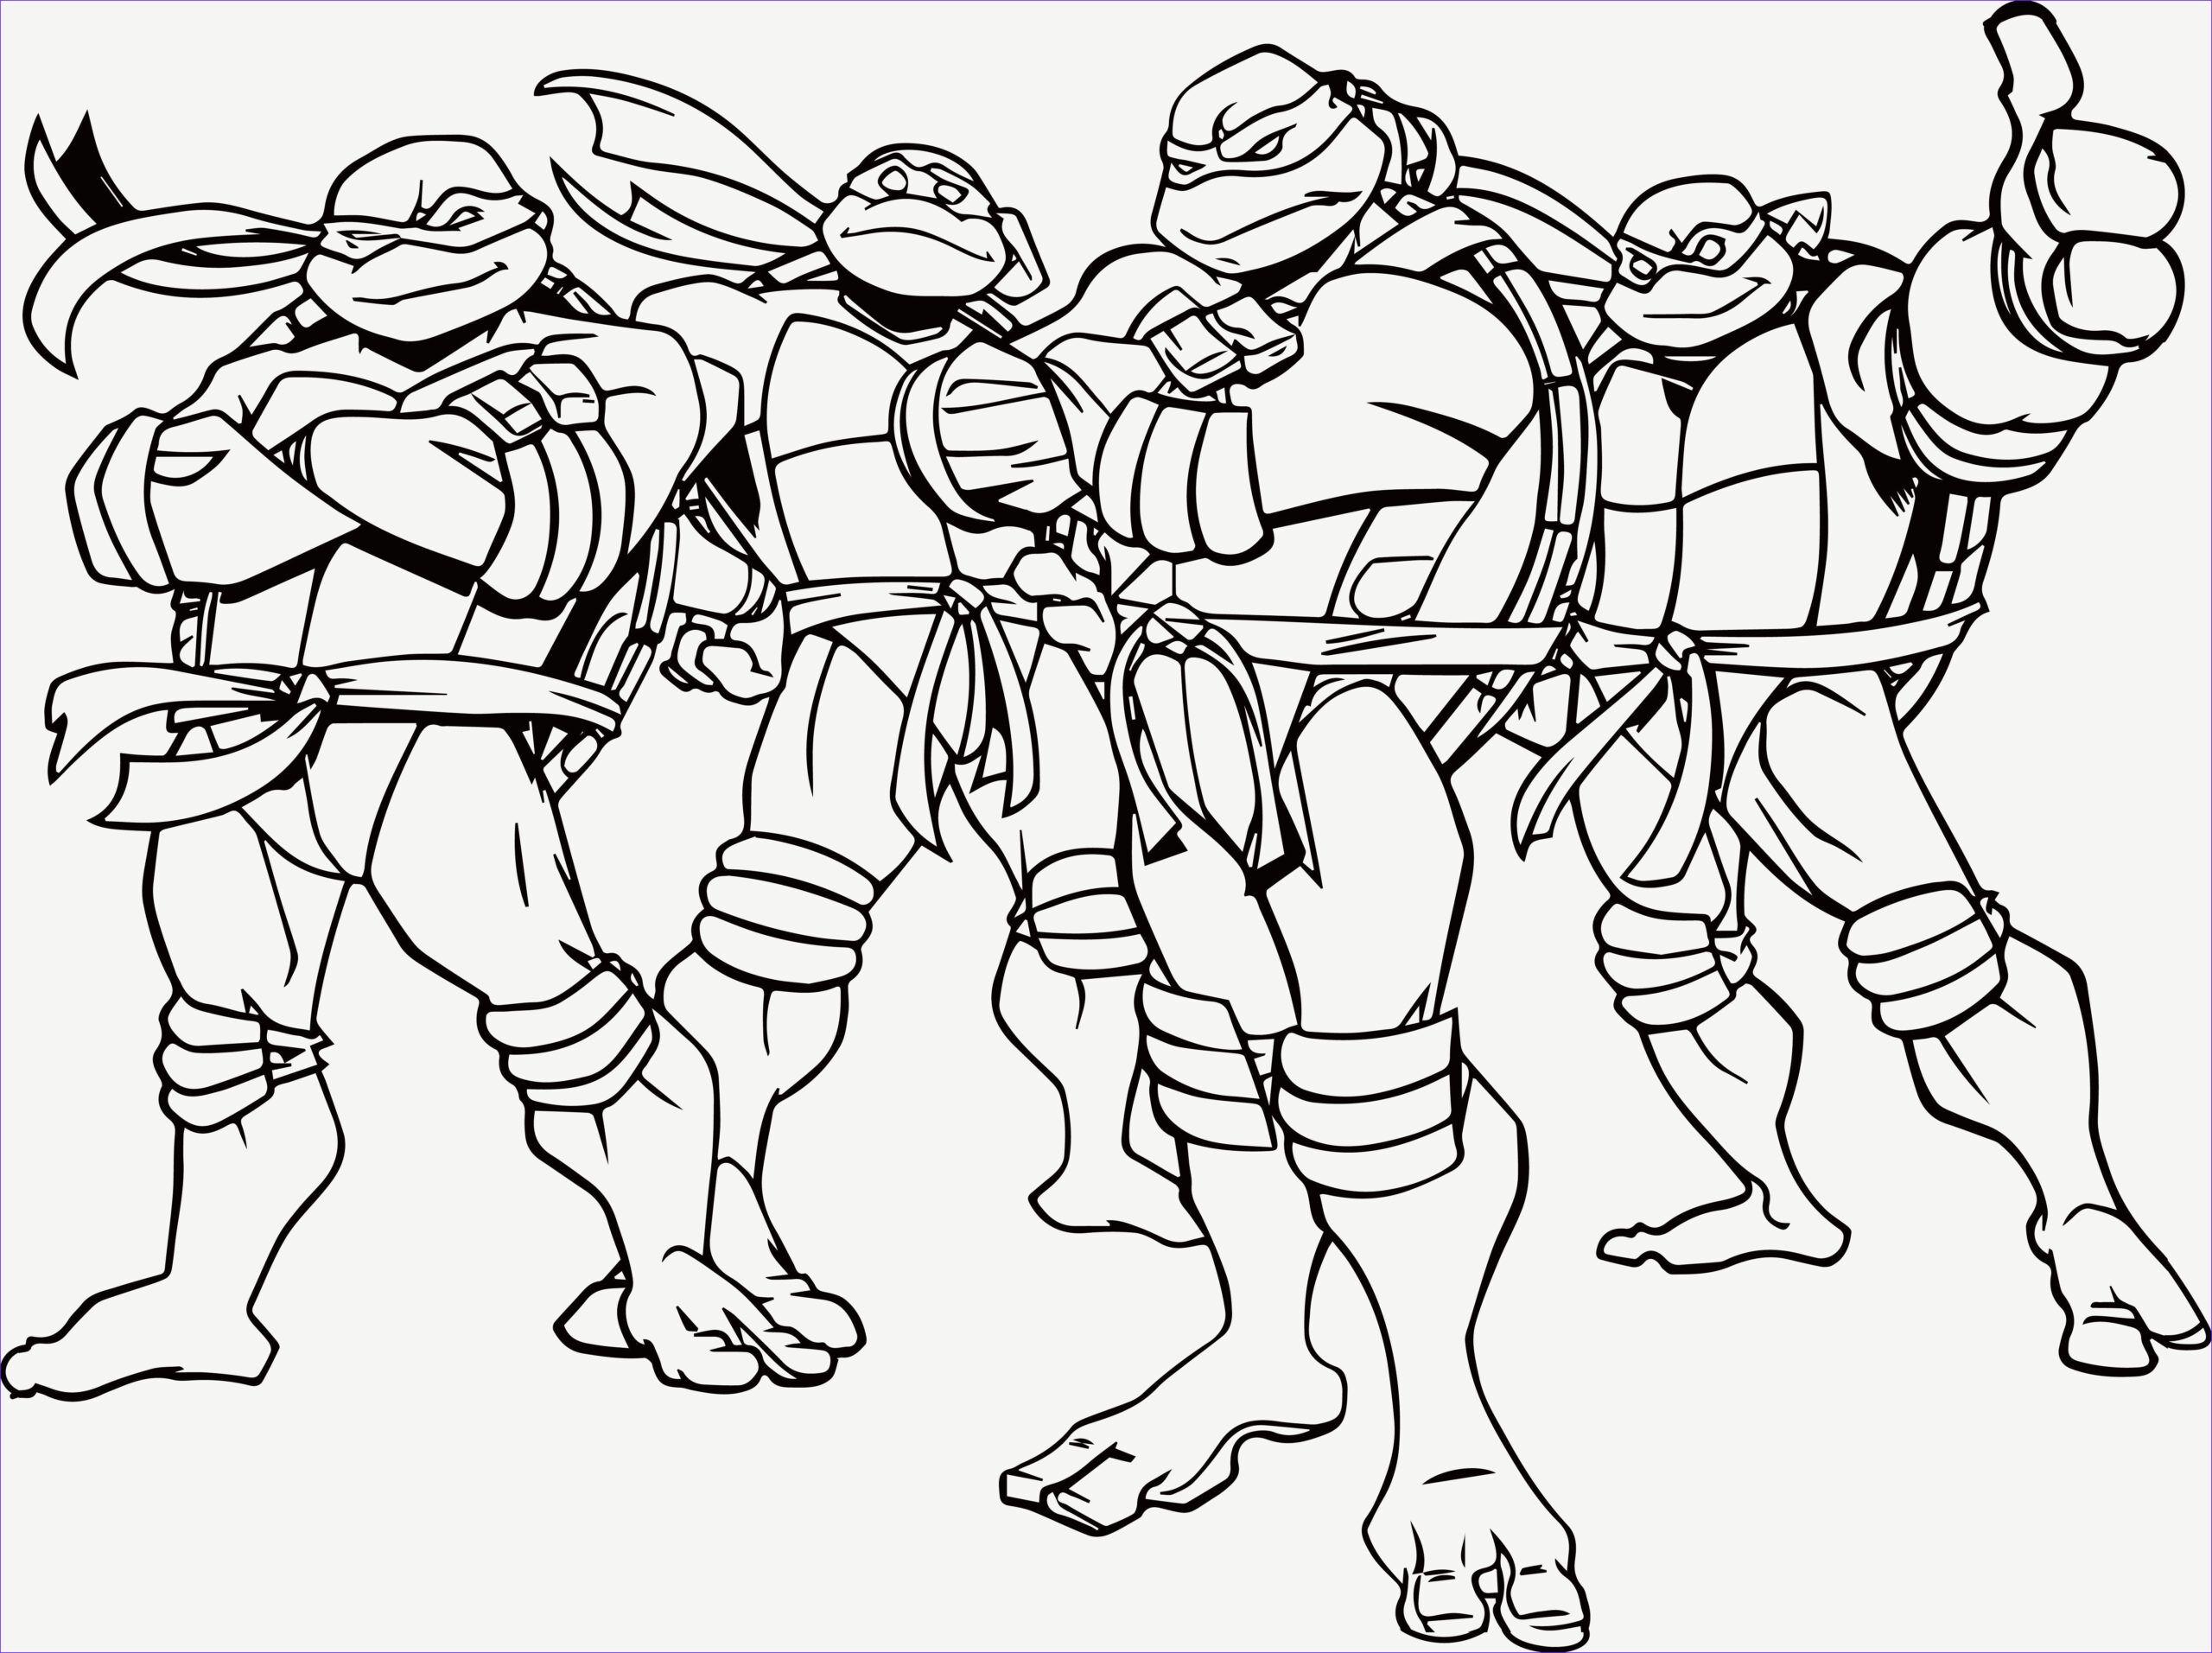 Nickelodeon Teenage Mutant Ninja Turtles Coloring Pages In